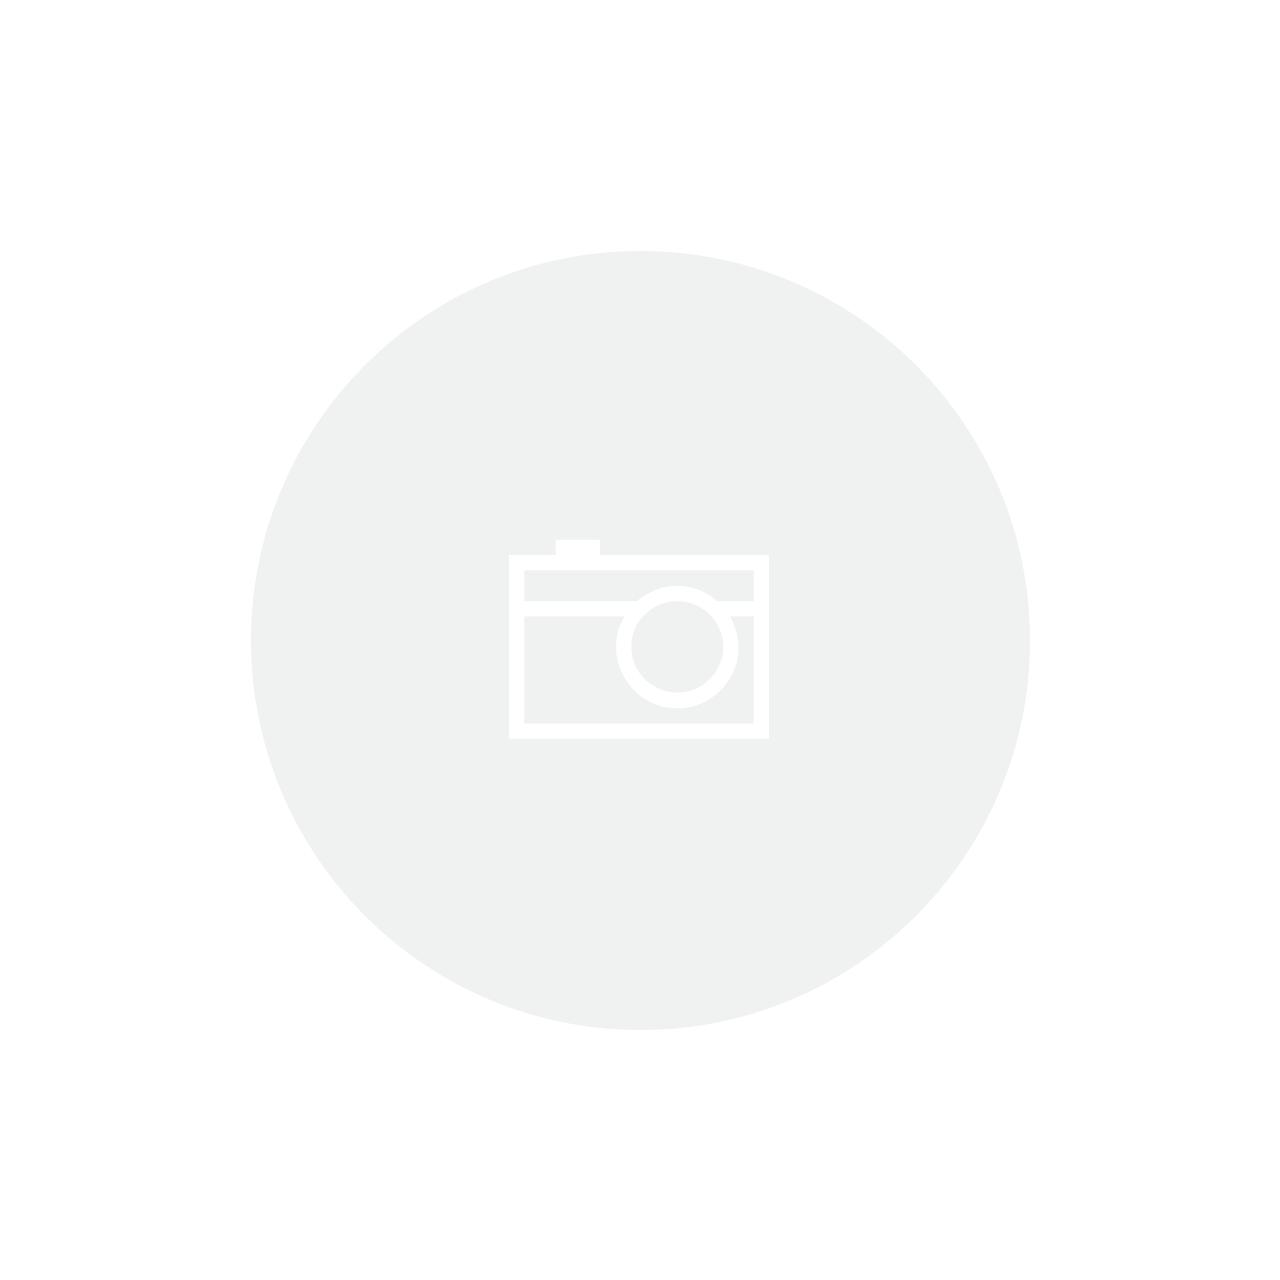 Forma para Pão e Bolo 30 cm Starflon Brasil Tramontina